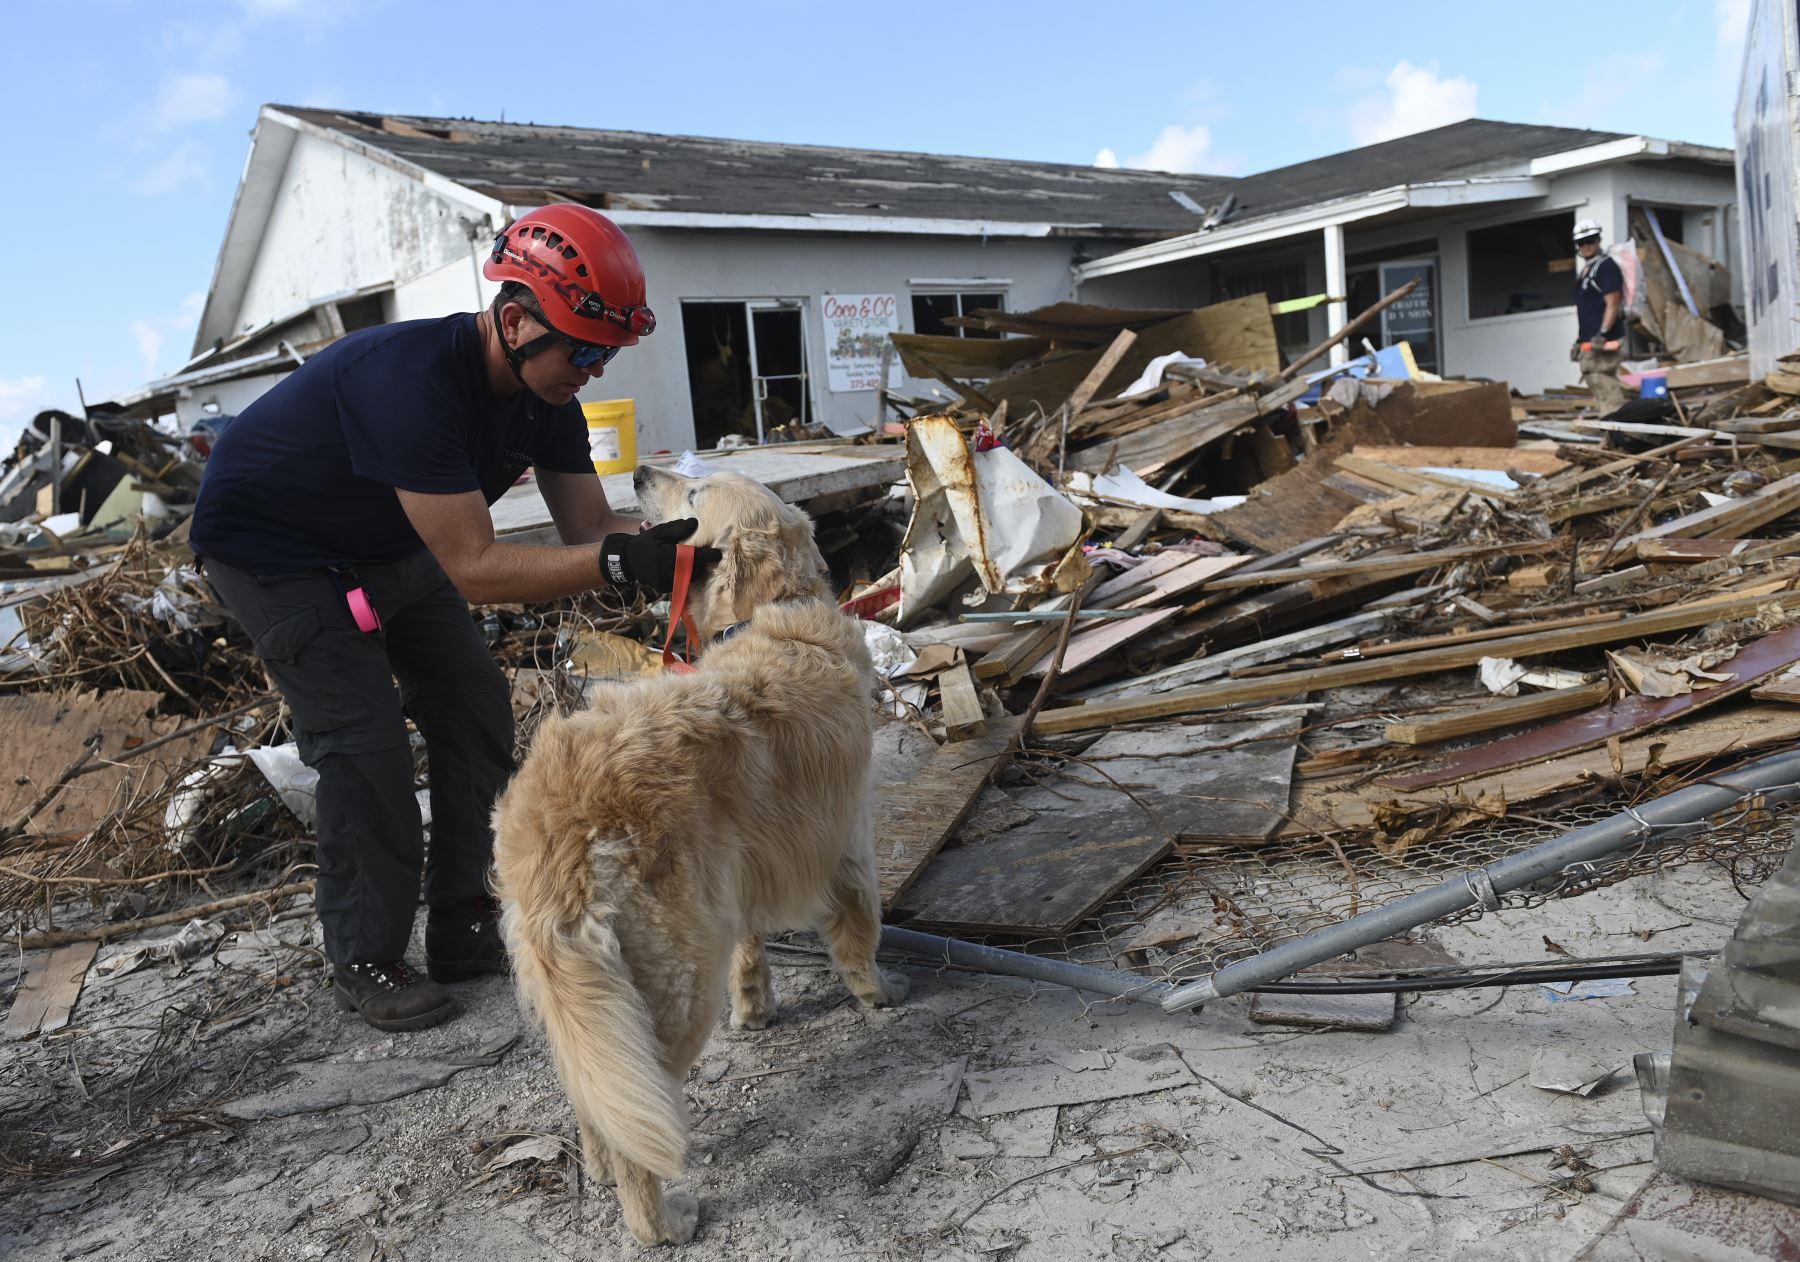 Un equipo canadiense de búsqueda y rescate busca los escombros en Marsh Harbour, Bahamas, una semana después del paso del huracán Dorian. Foto:AFP